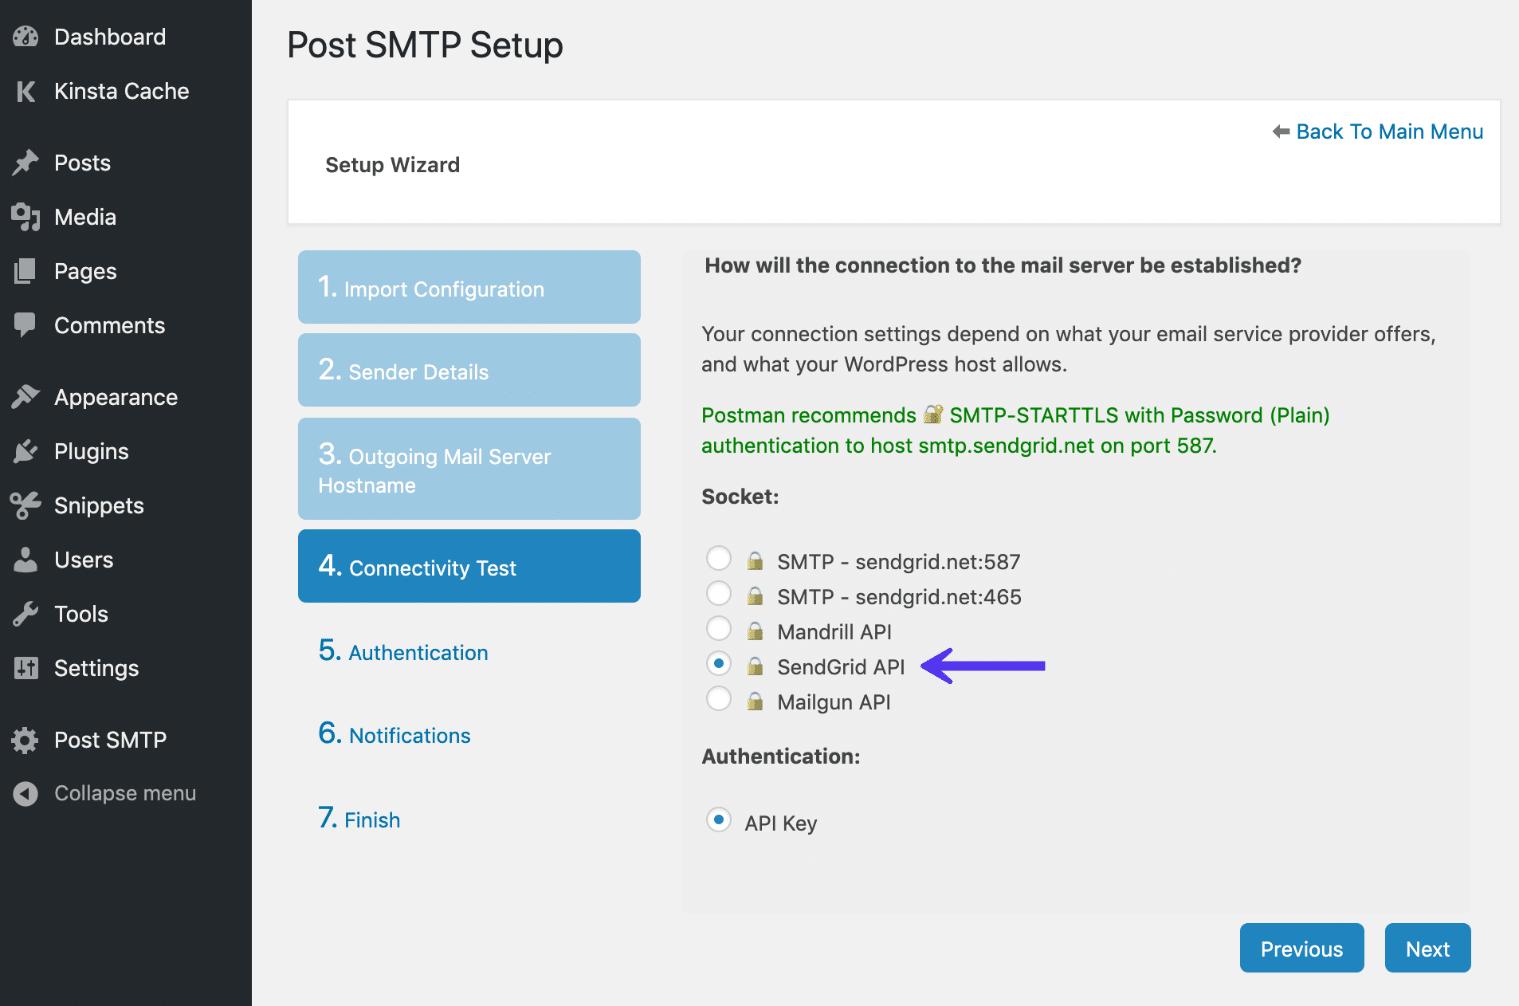 SendGrid API authentication